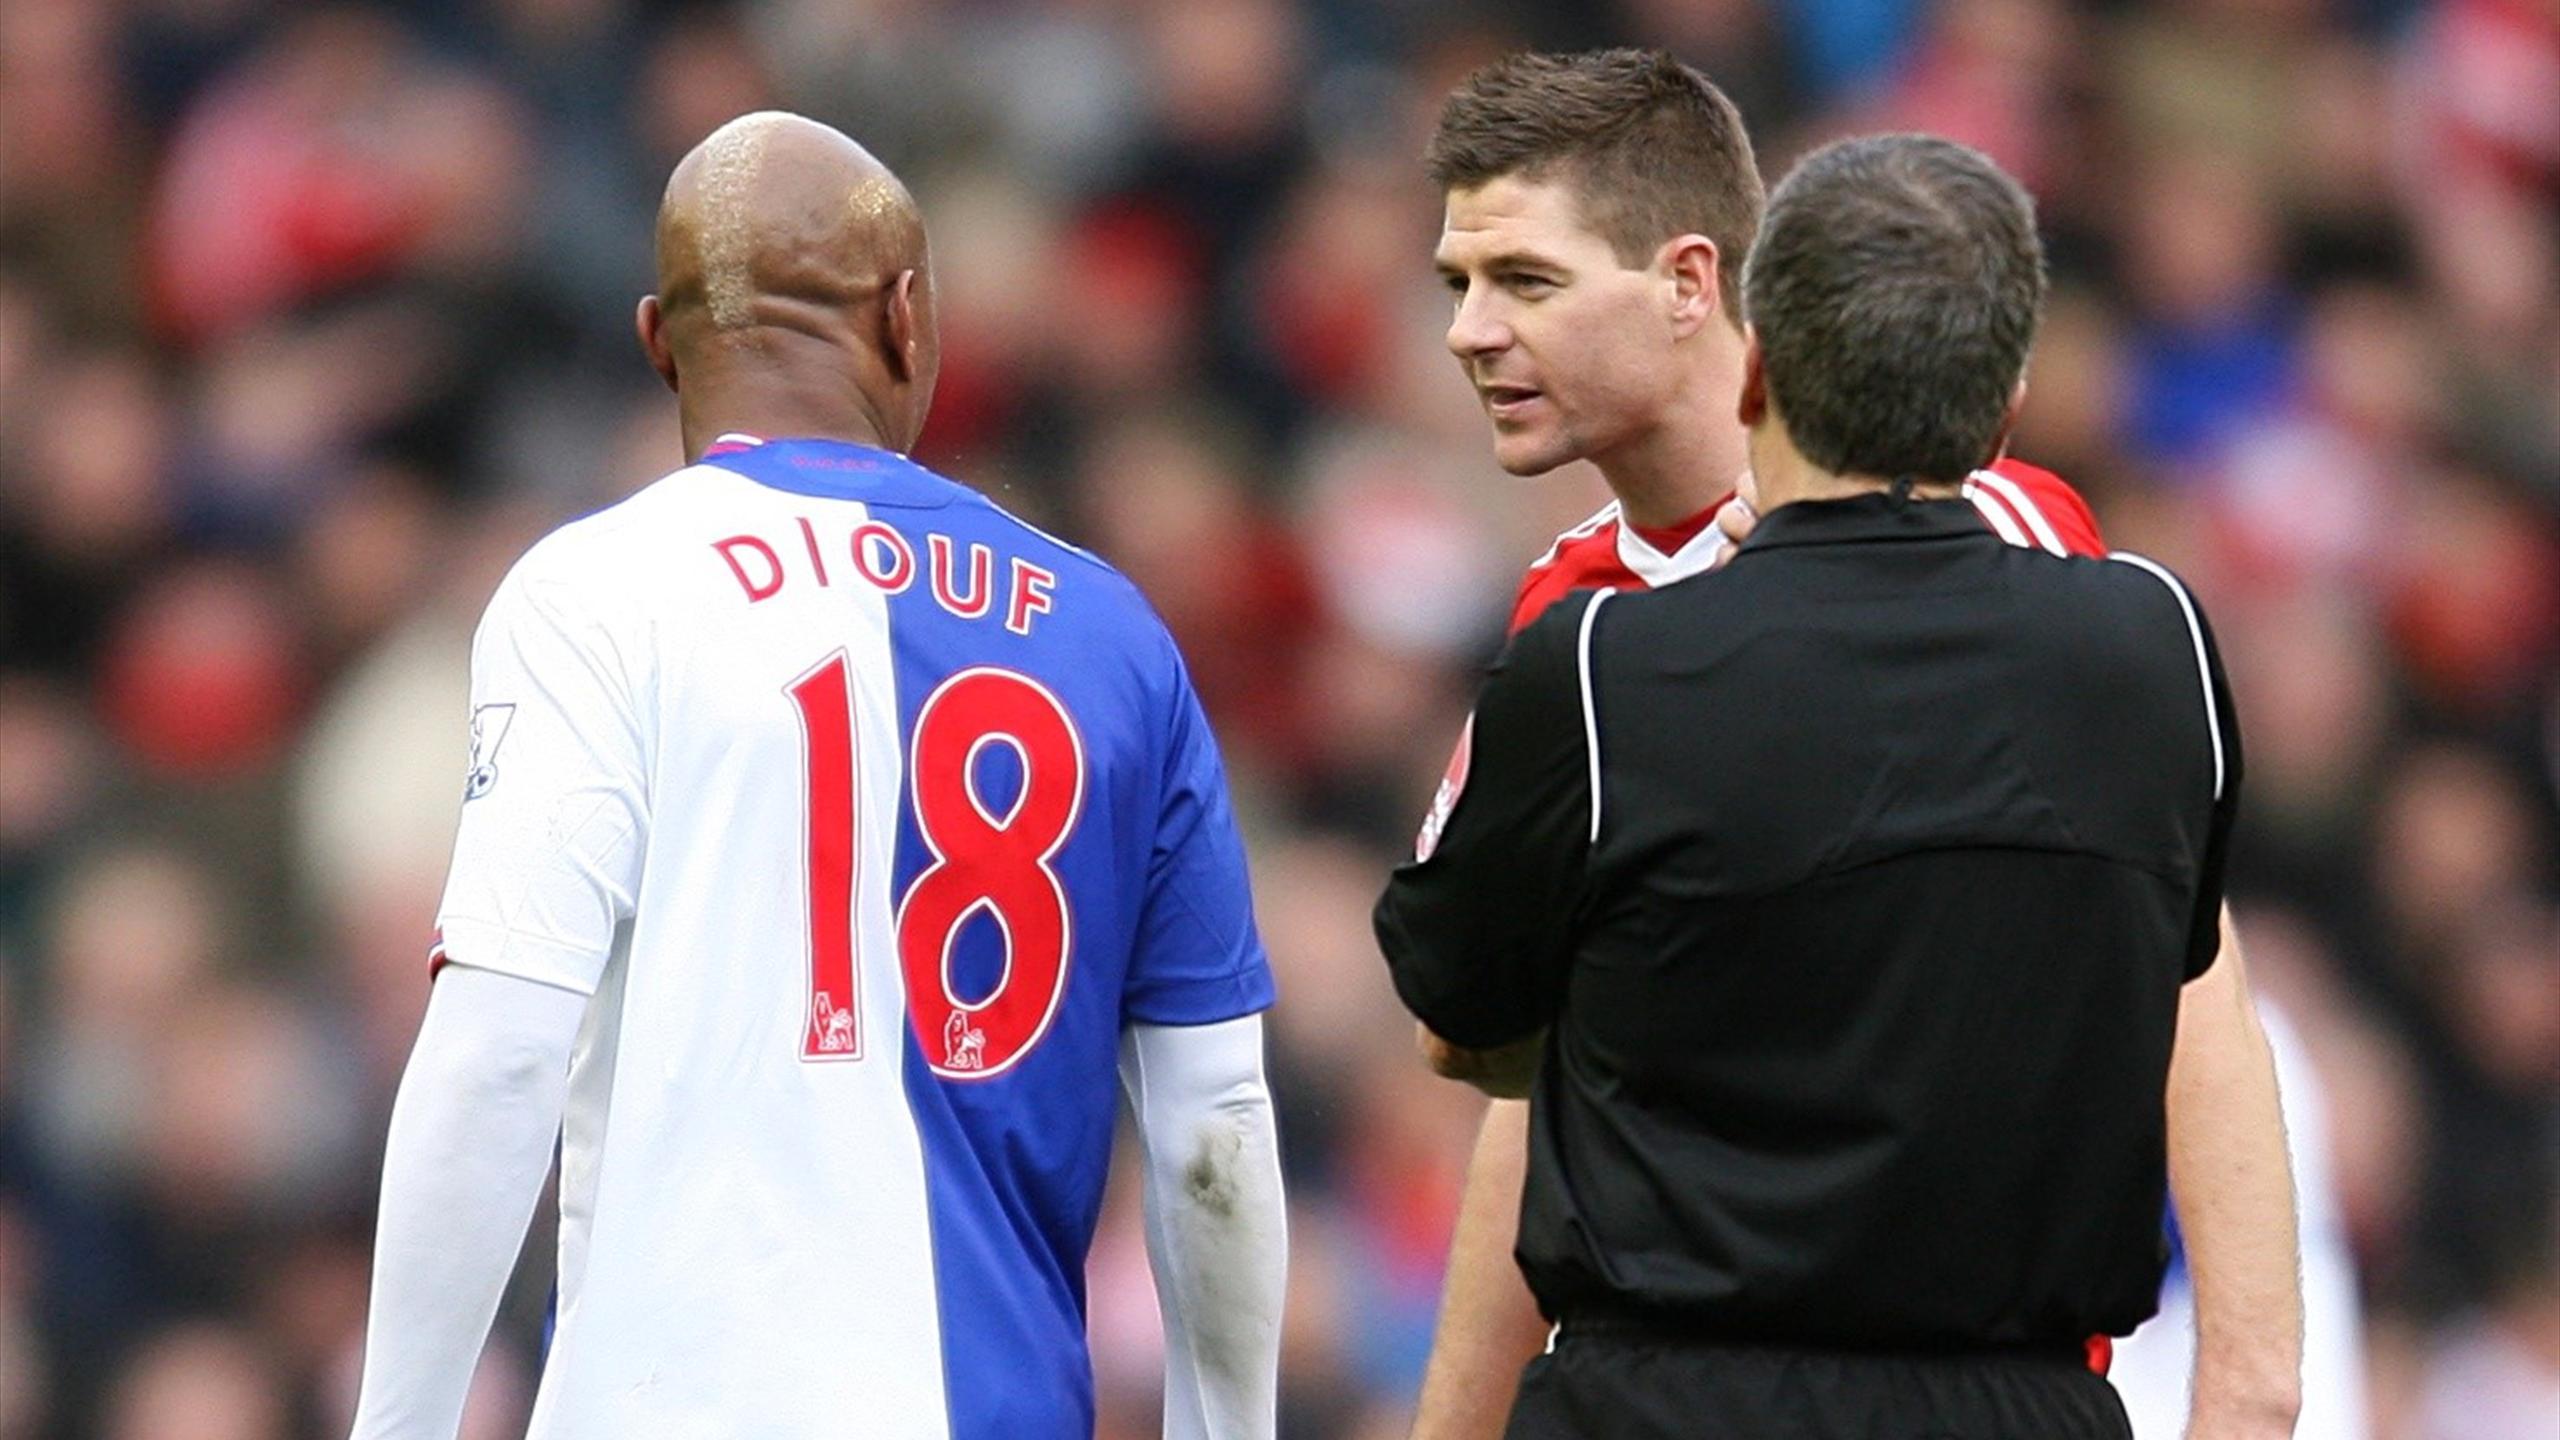 Blackburn Rovers' El-Hadji Diouf (left) argues with Liverpool's Steven Gerrard (right).